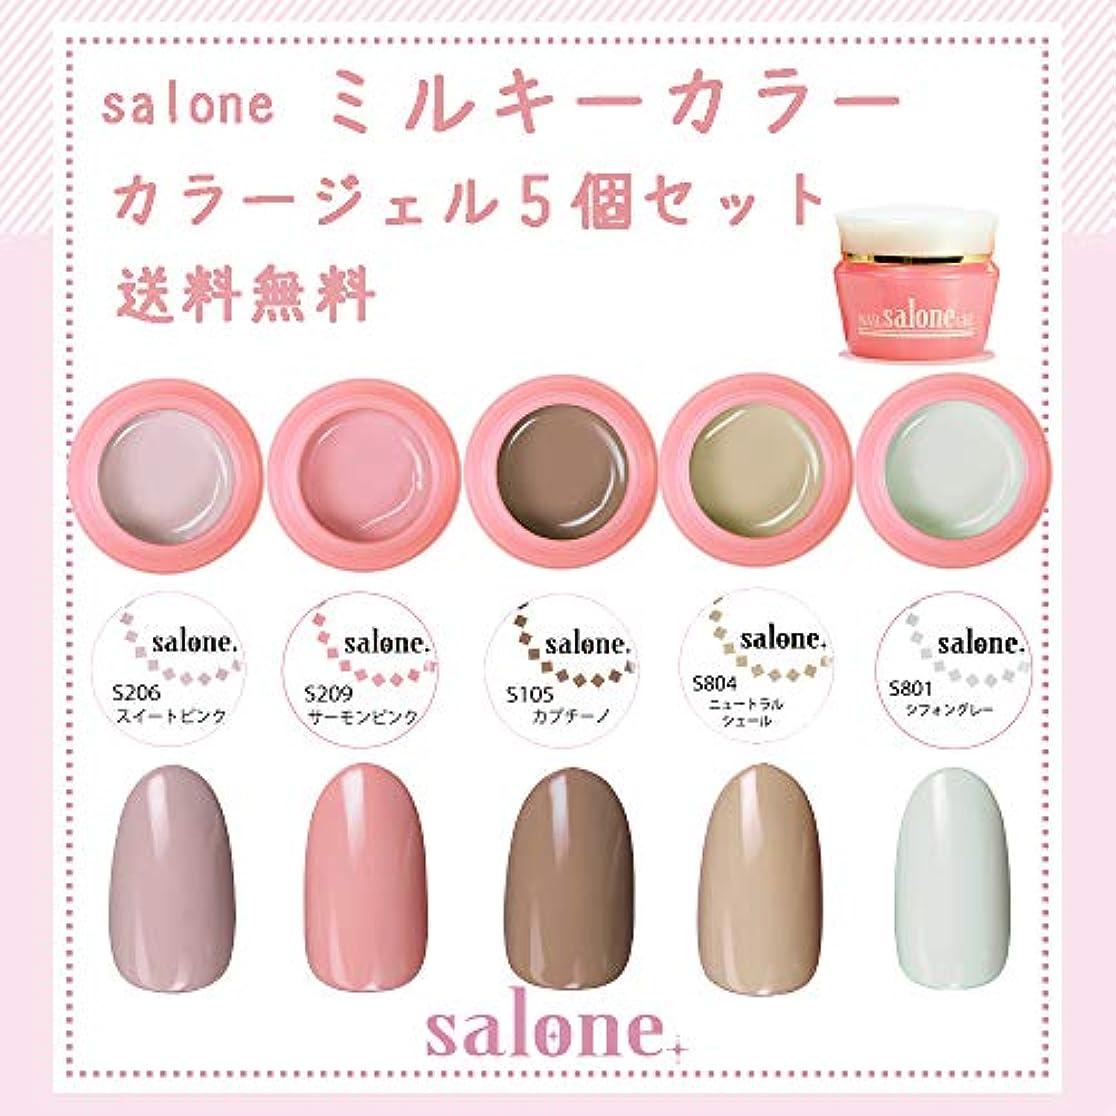 含意幻想生物学【送料無料 日本製】Salone ミルキーカラージェル5個セット 暖かく大人可愛いトレンドカラー